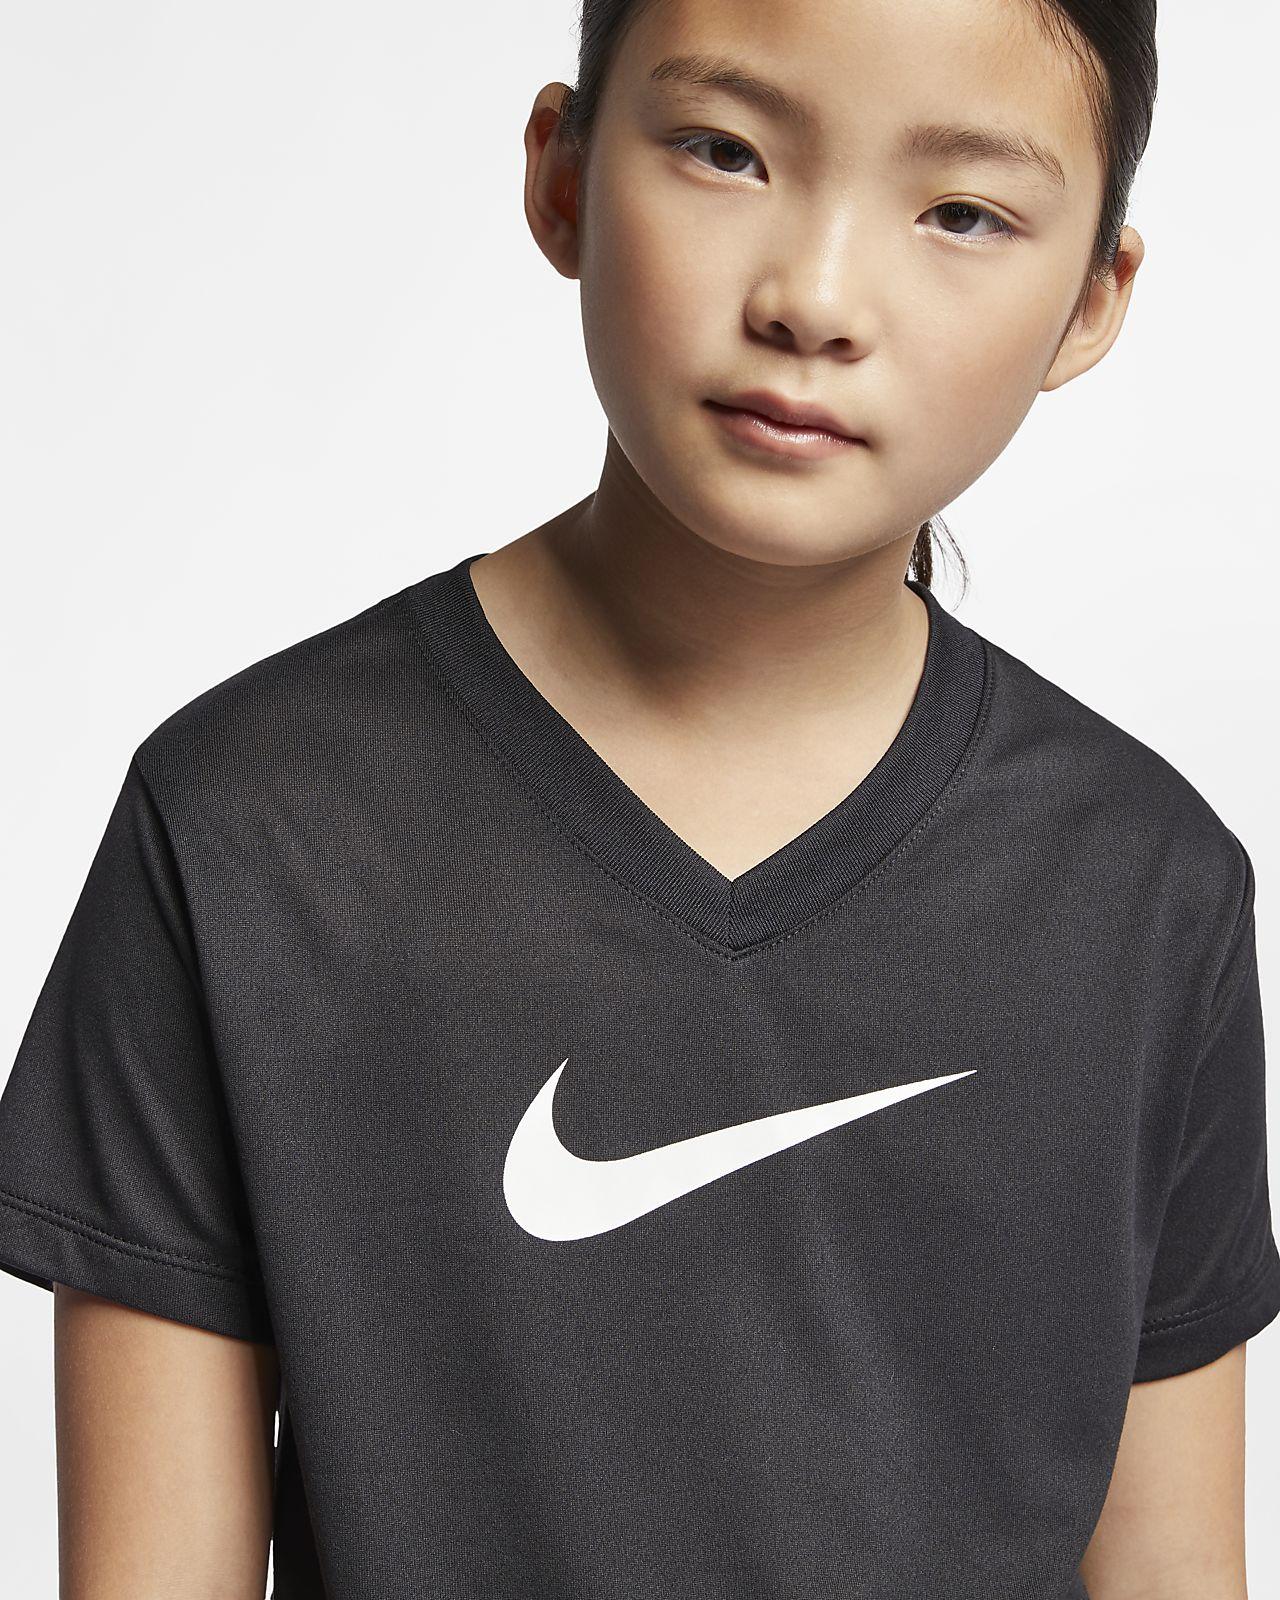 ac278eb5d Nike Dri-FIT Big Kids' Swoosh Training T-Shirt. Nike.com